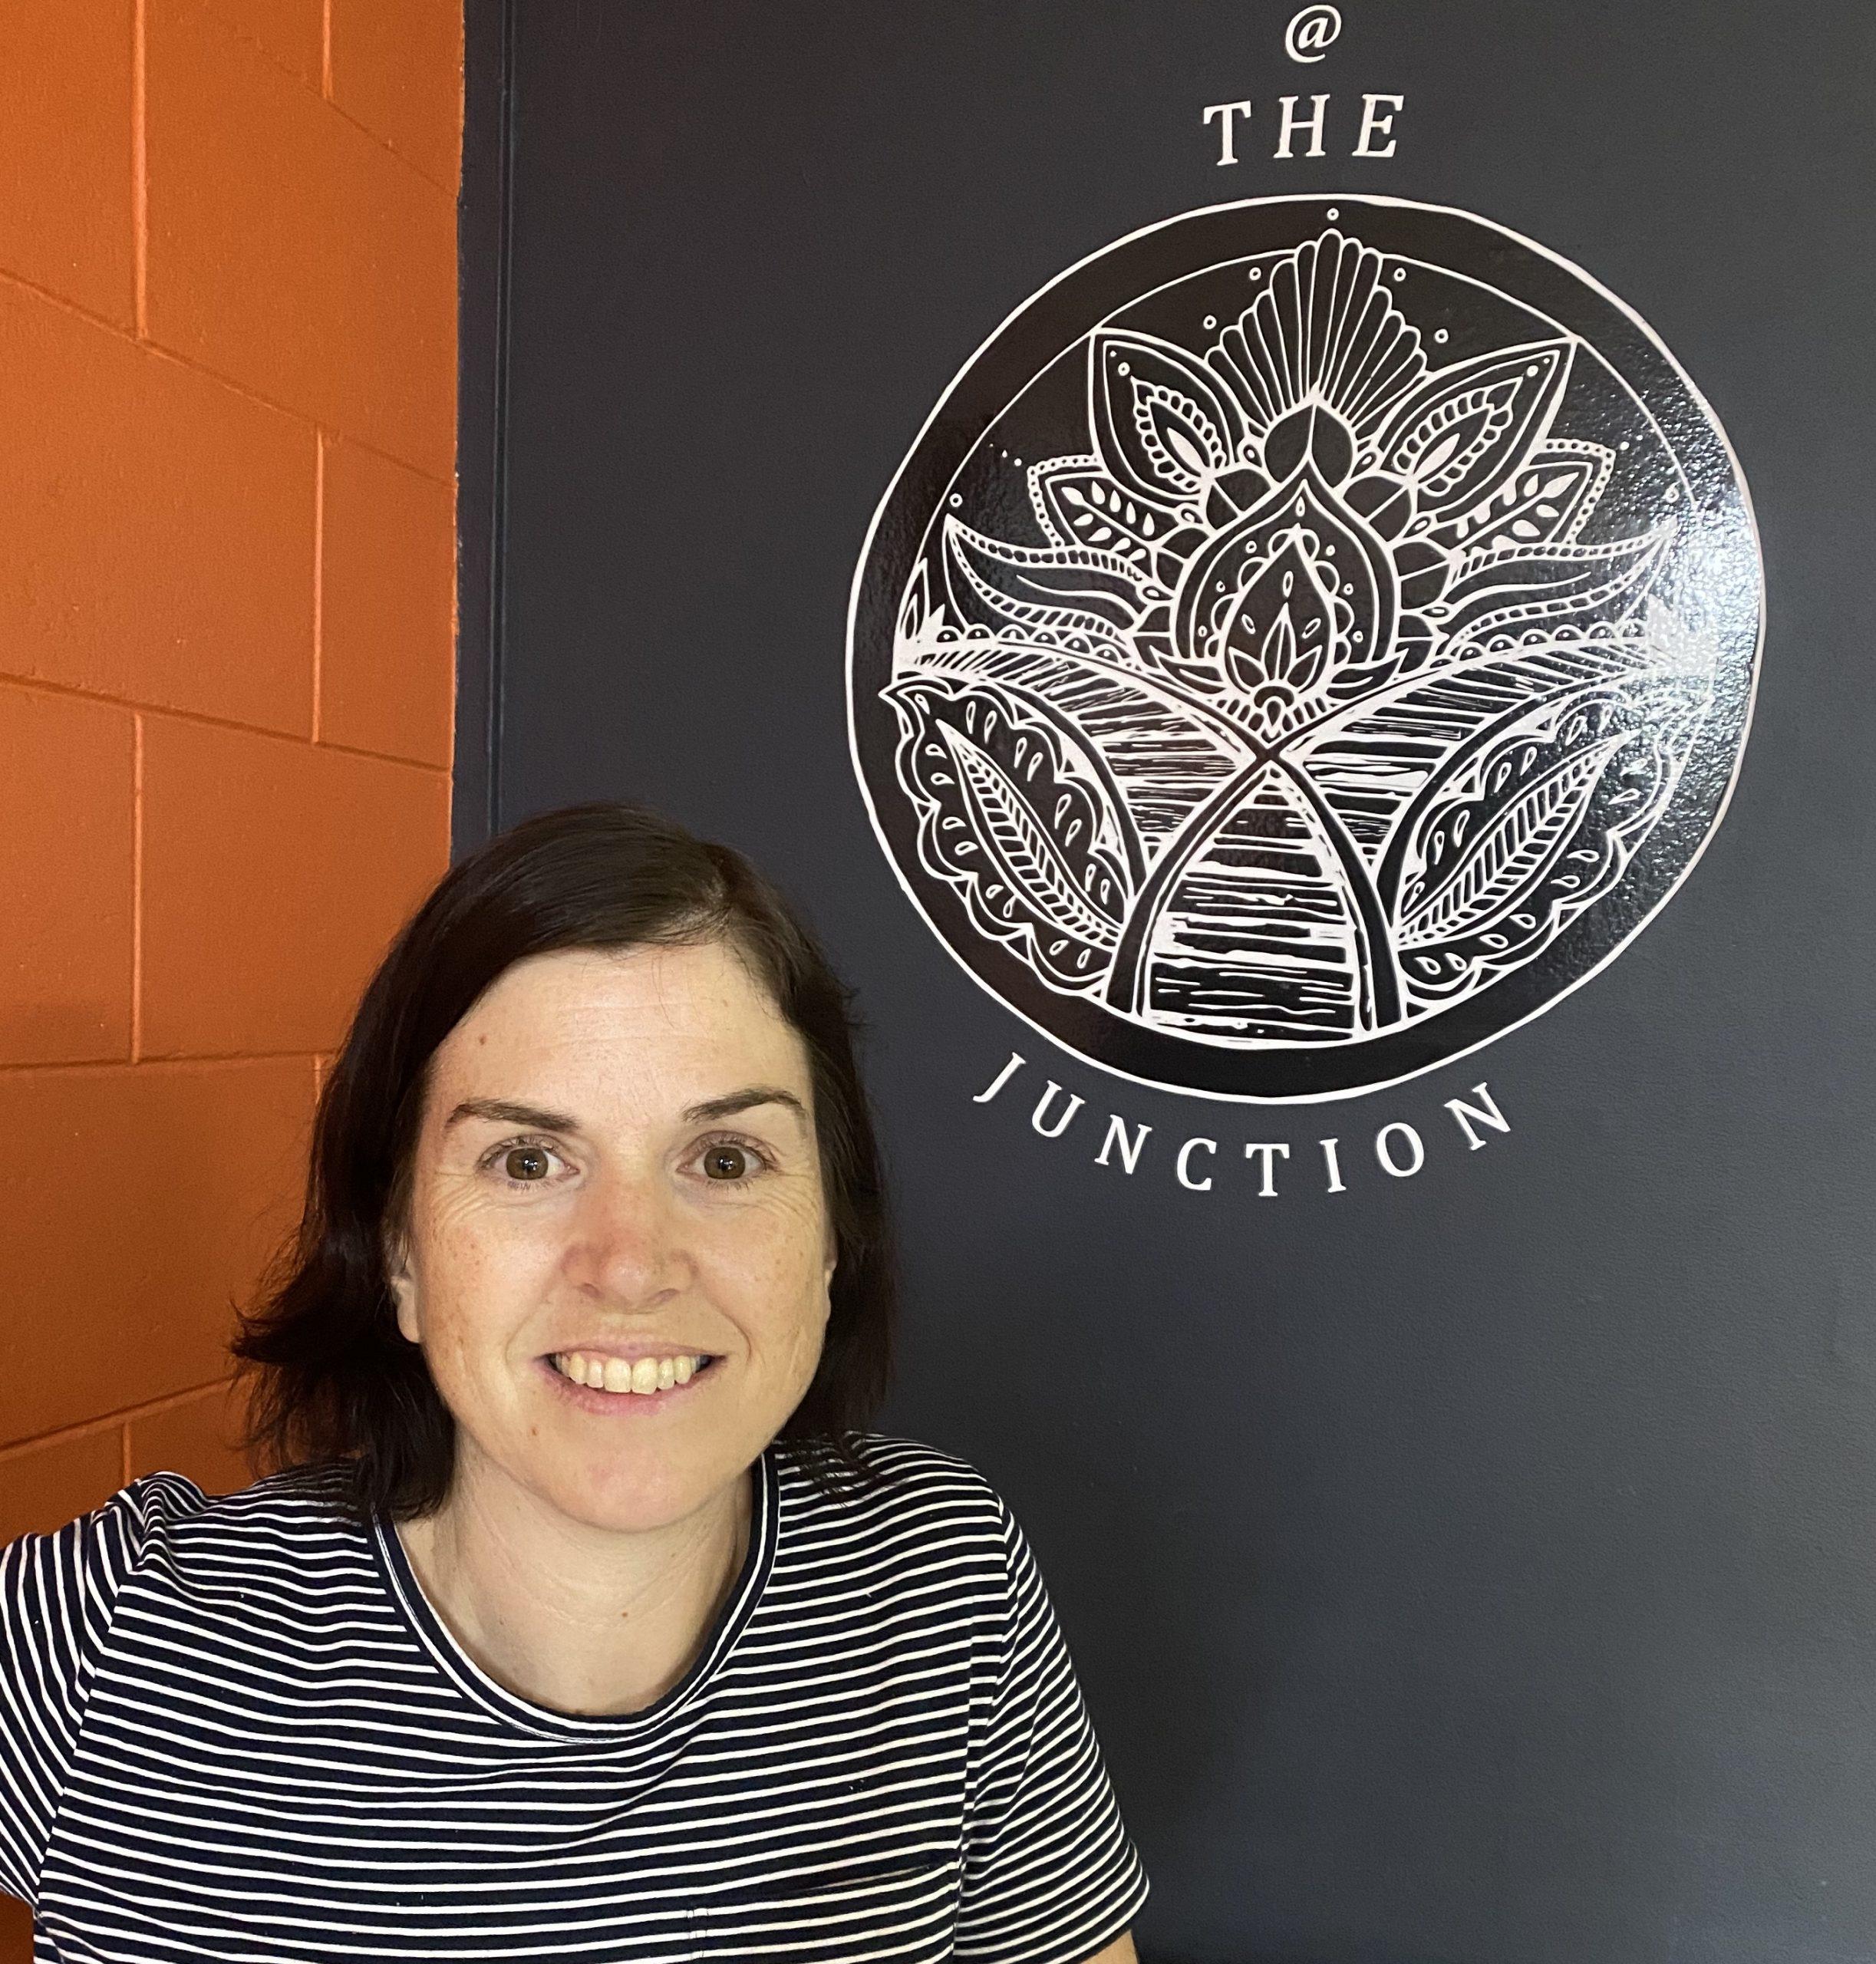 The-junction-cafe-melissa-smart